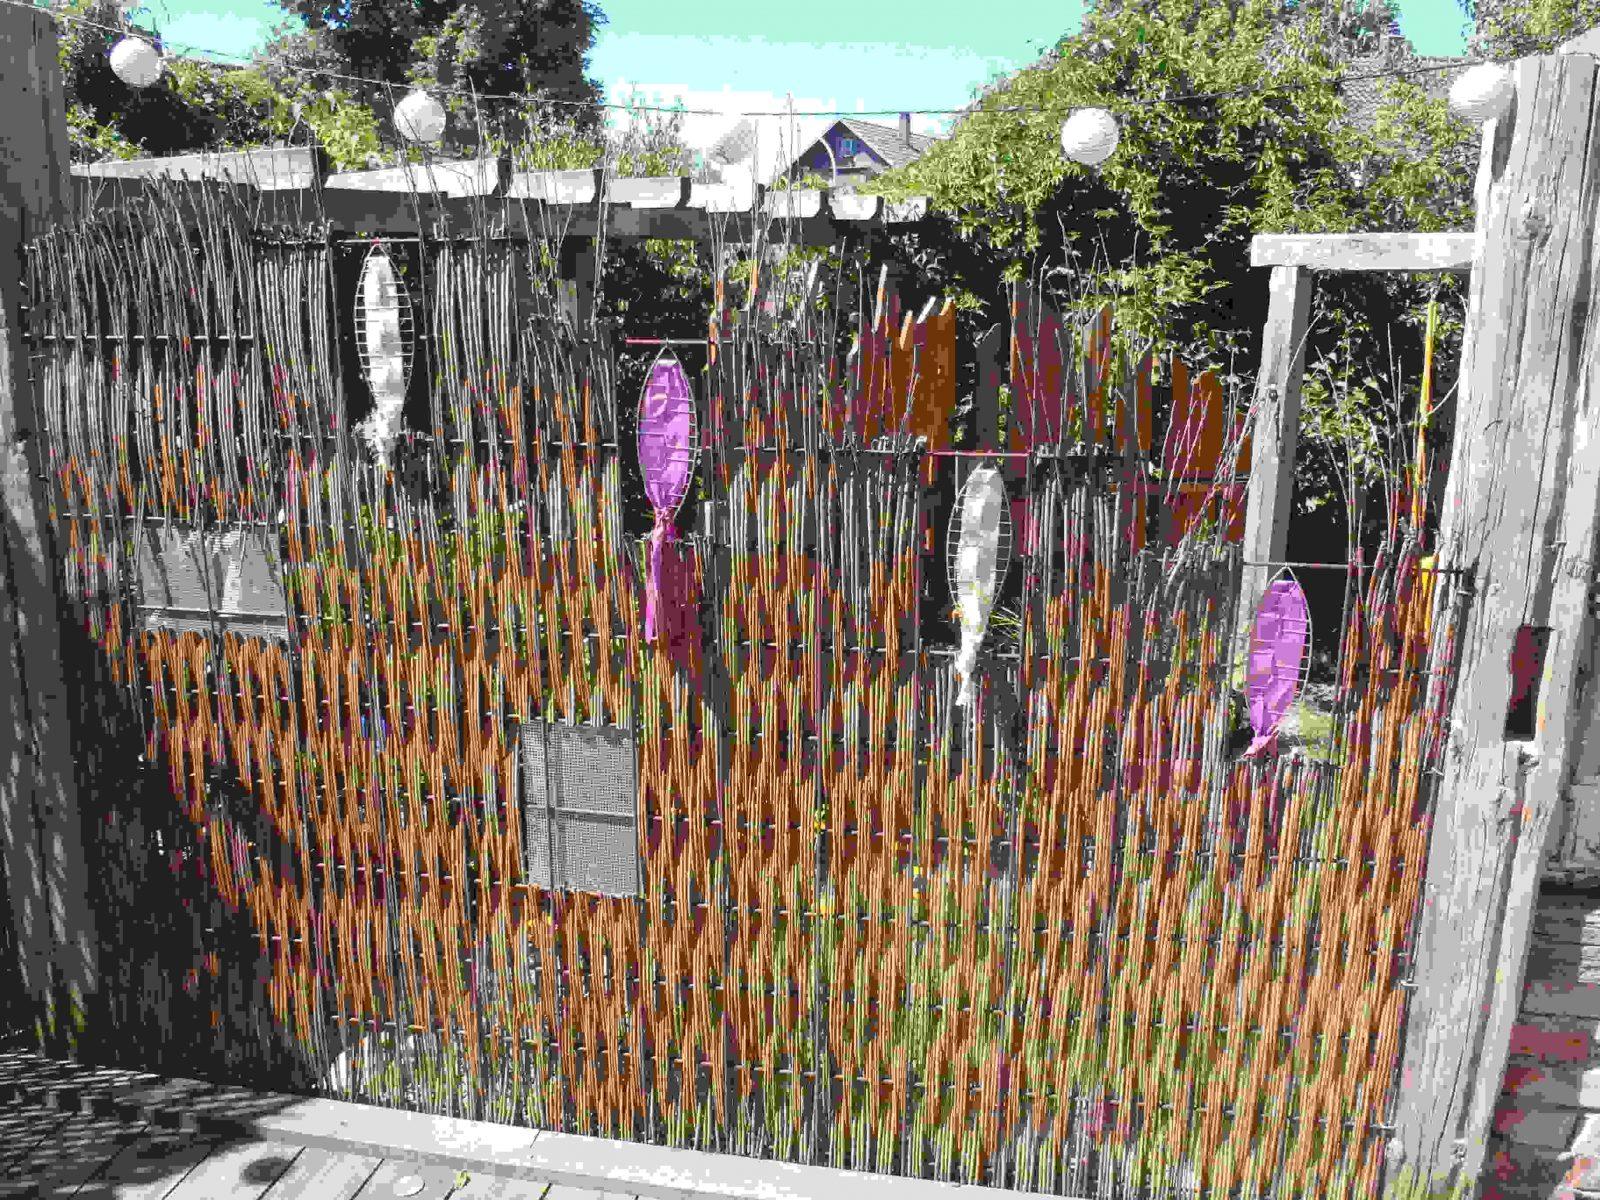 Sichtschutz Garten Selber Bauen Inspirierend Faszinierend Ist Frisch von Sichtschutz Günstig Selber Bauen Photo